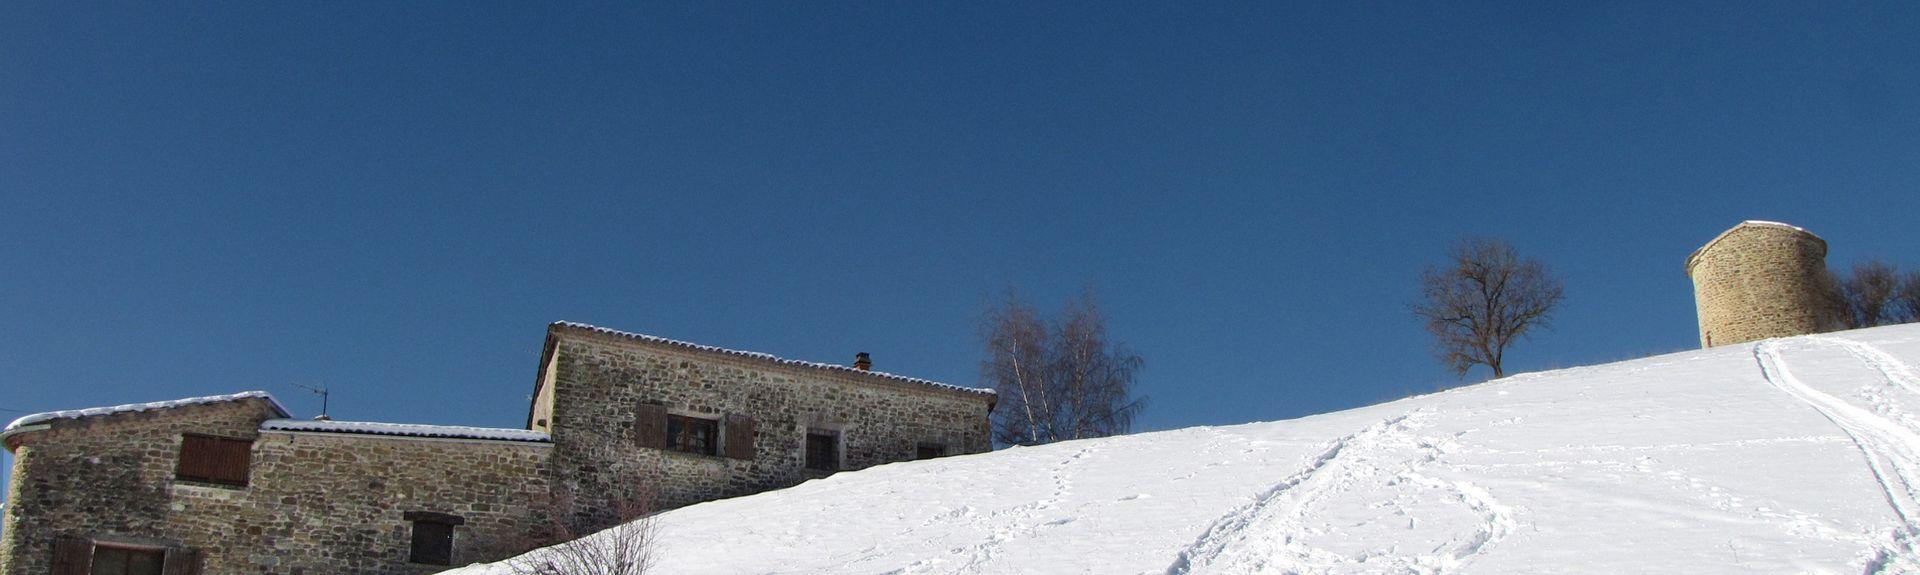 Rosans, Hautes-Alpes, France